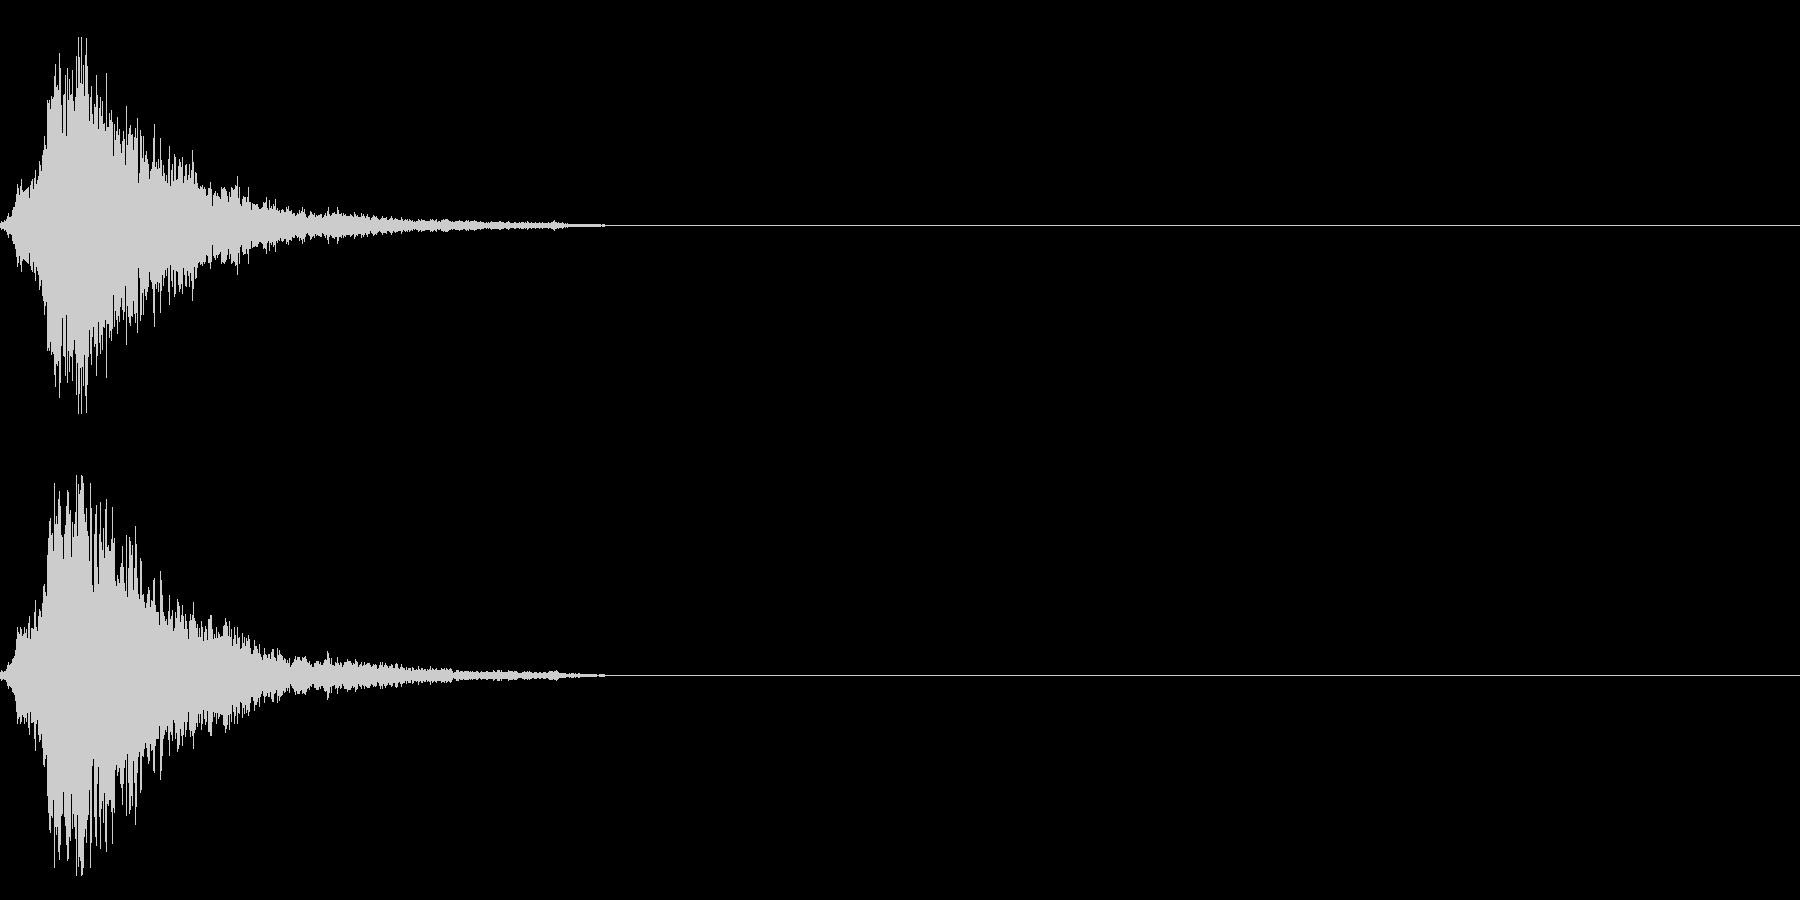 シャラン・・神楽鈴の効果音の未再生の波形